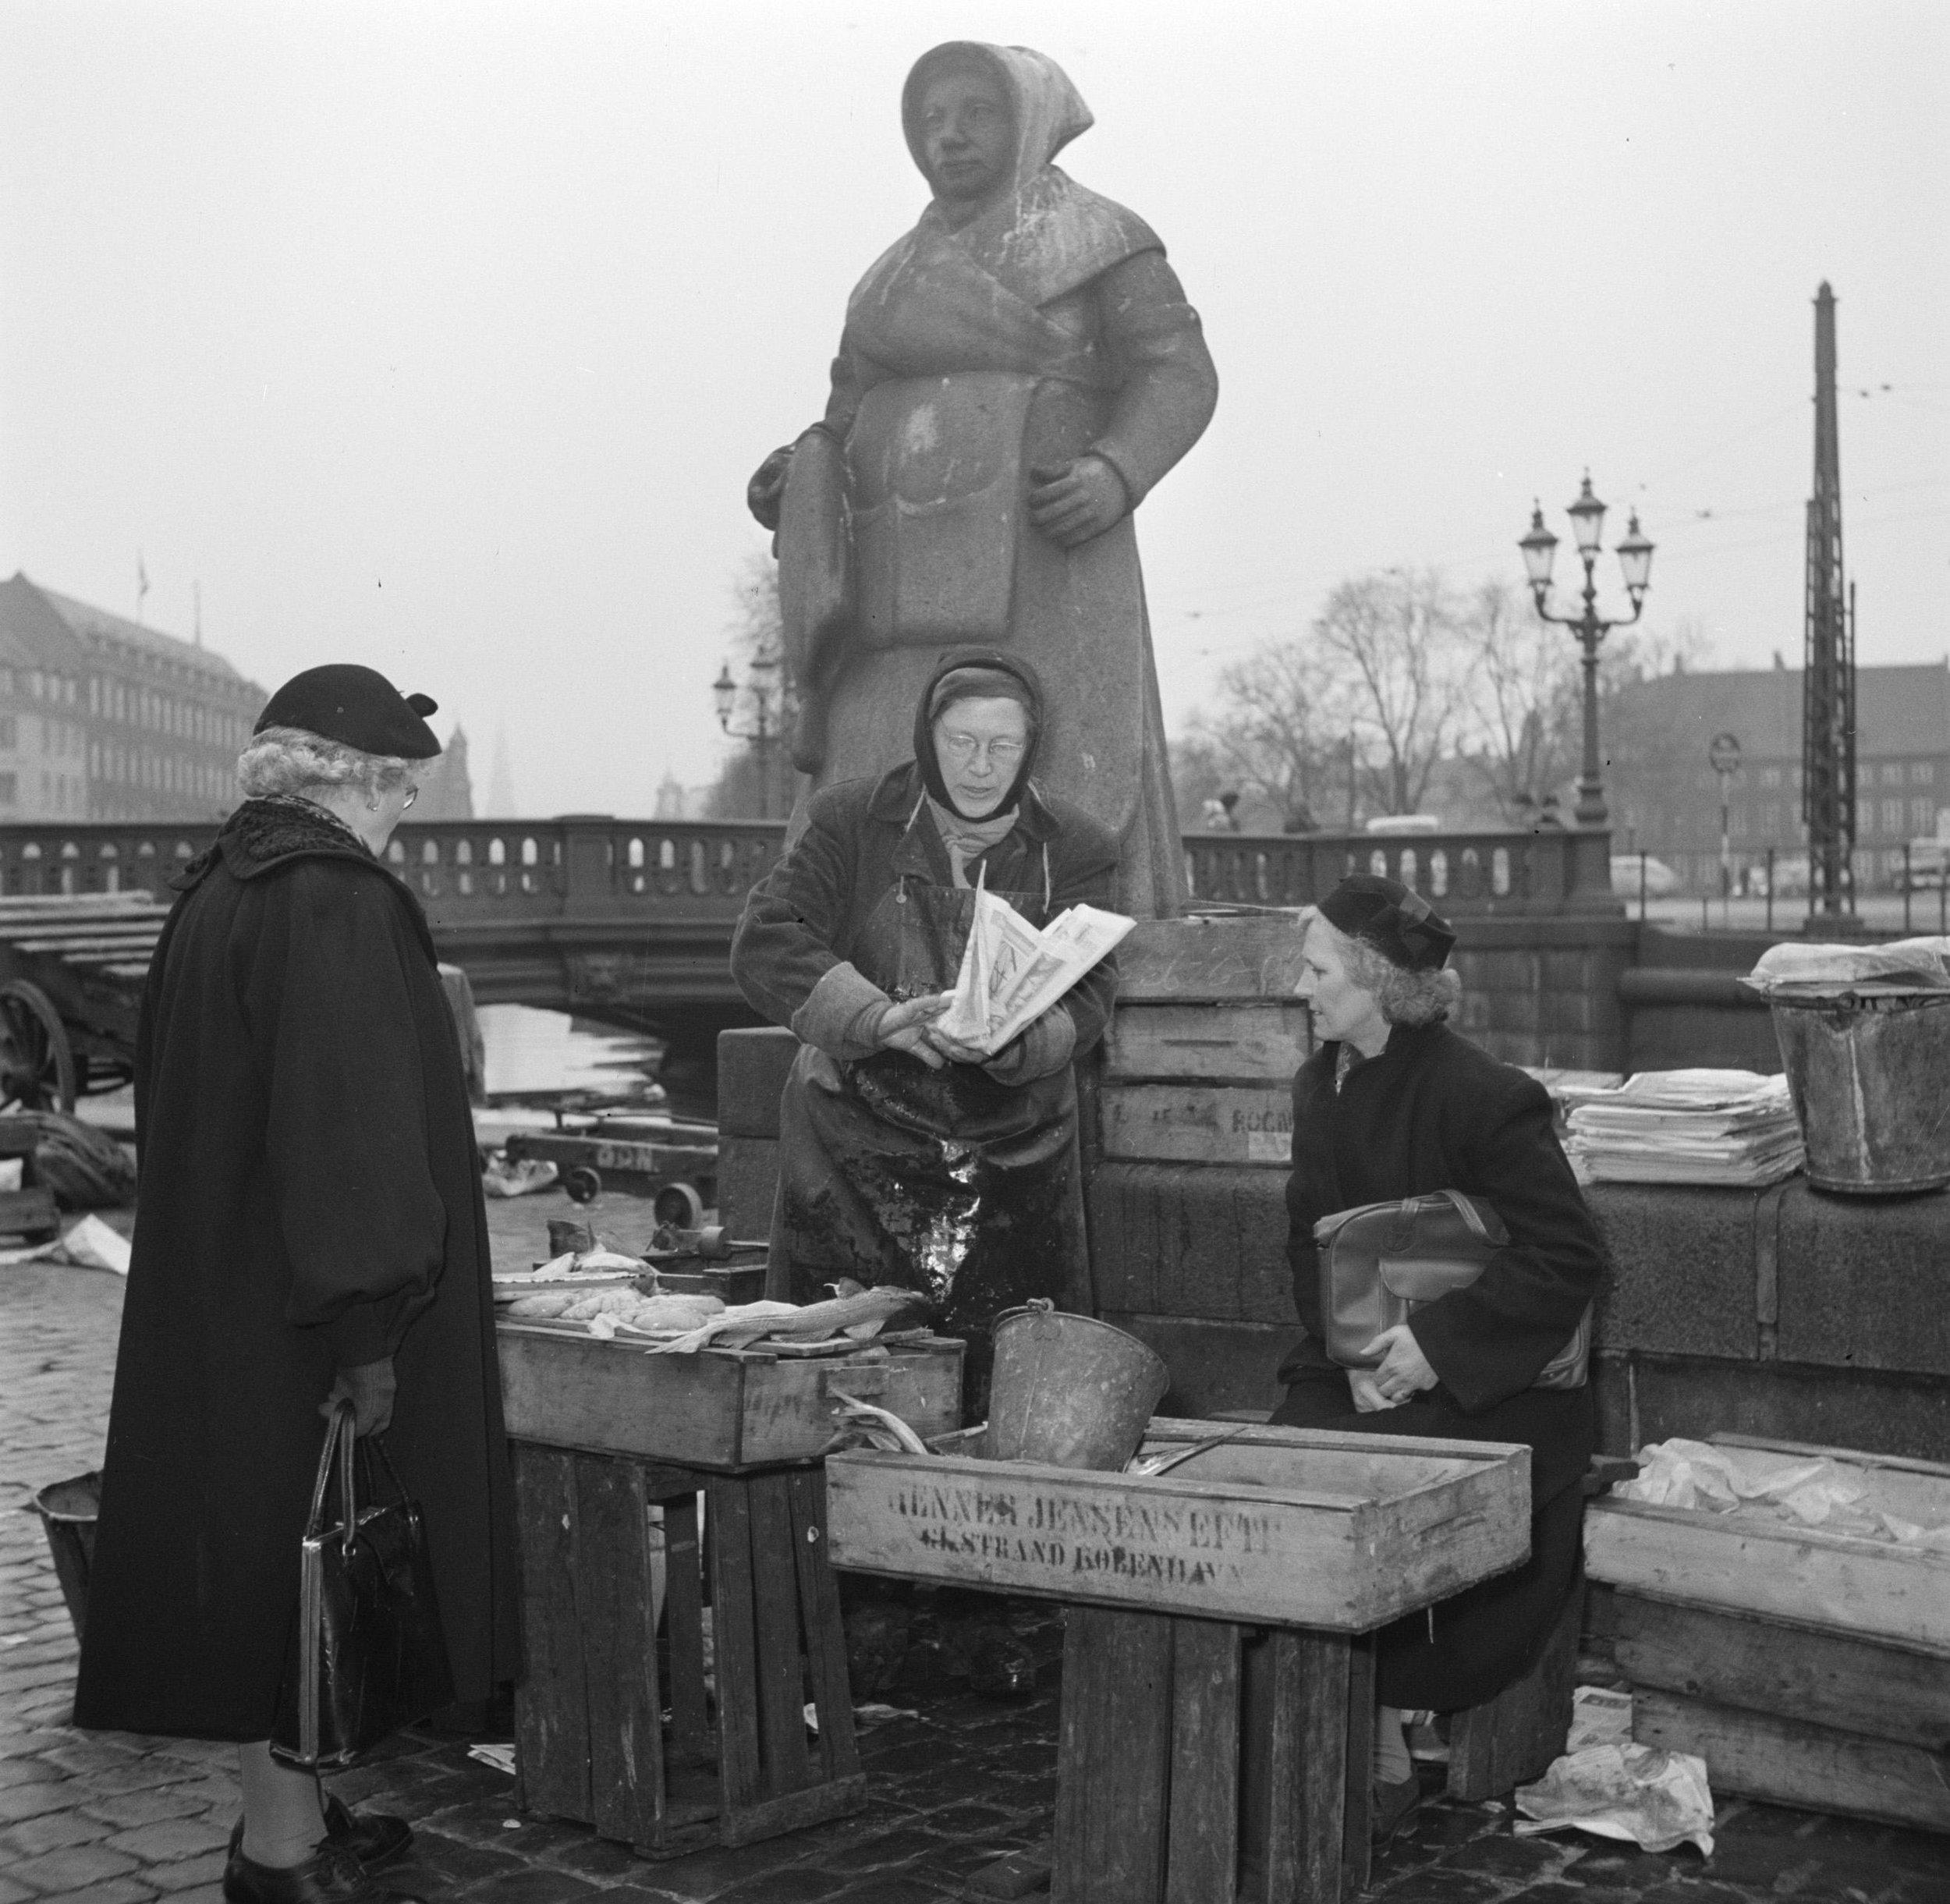 Vrouwen_bij_hun_koopwaar_op_de_vismarkt_in_Kopenhagen_met_op_de_achtergrond_een_,_Bestanddeelnr_252-8836.jpg